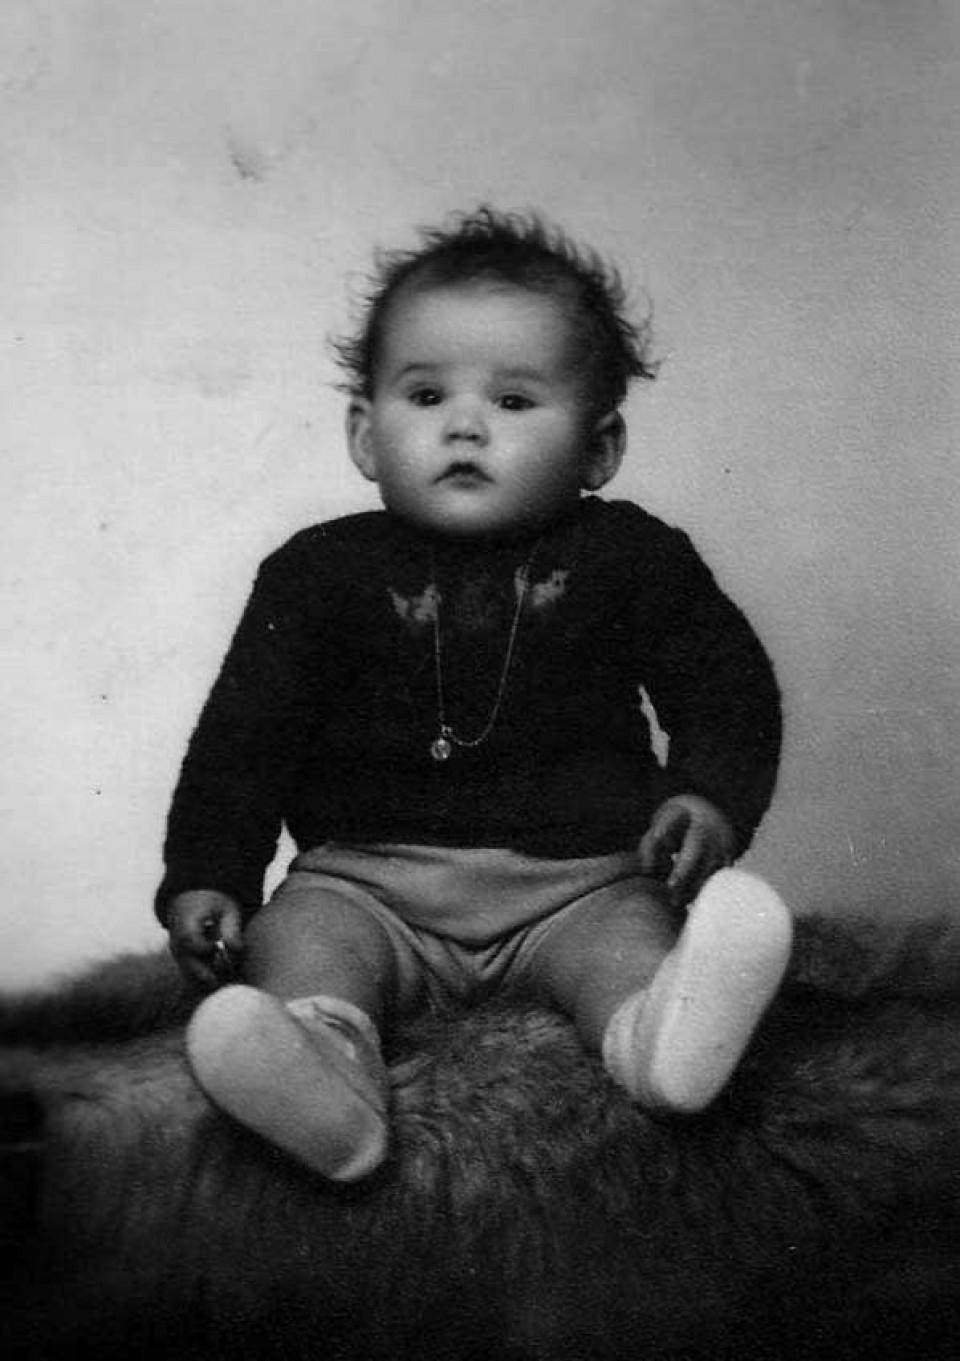 Ramon, 1955